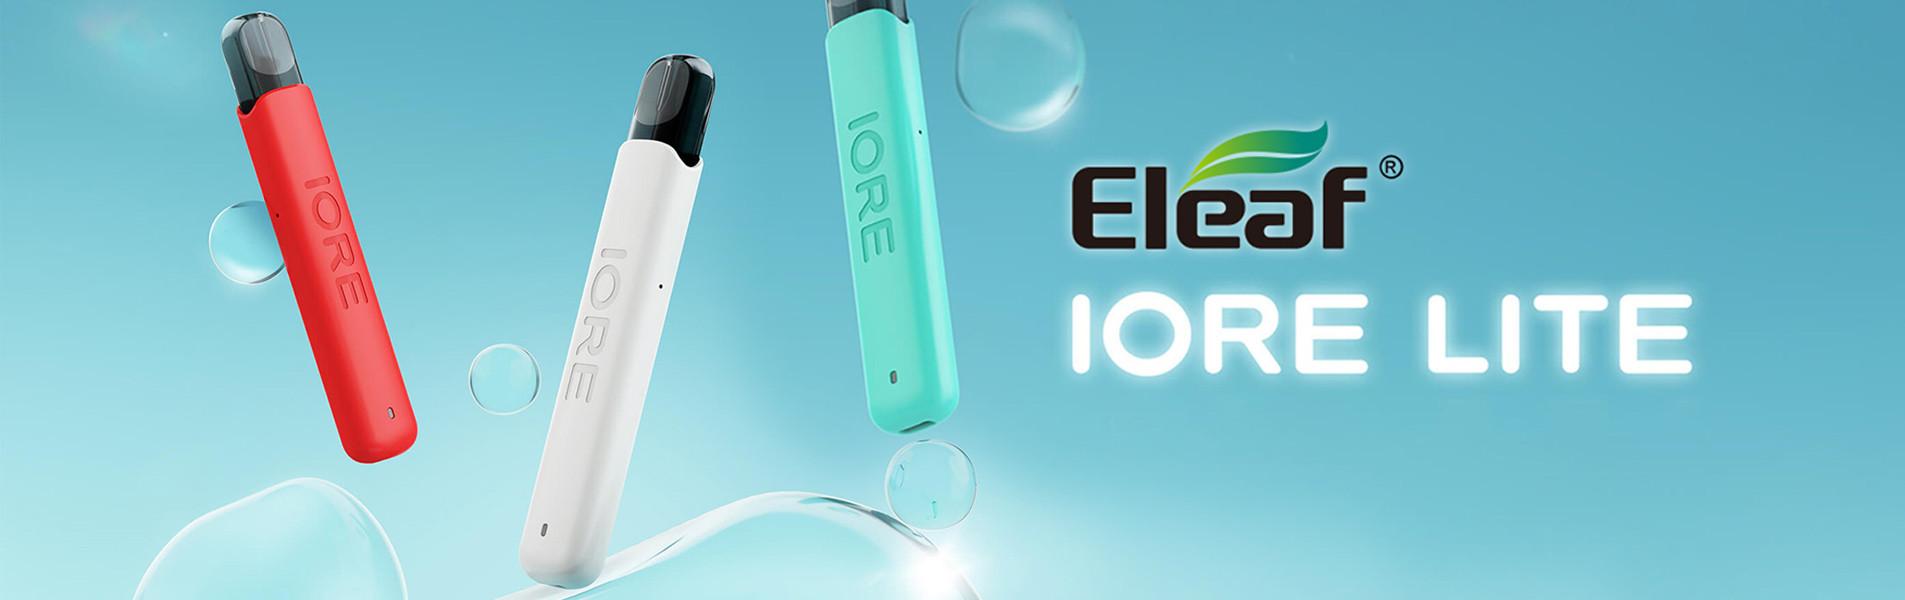 Le kit Iore Lite Pod d'Eleaf se distingue par sa taille ultra réduite et son design simple et minimaliste.